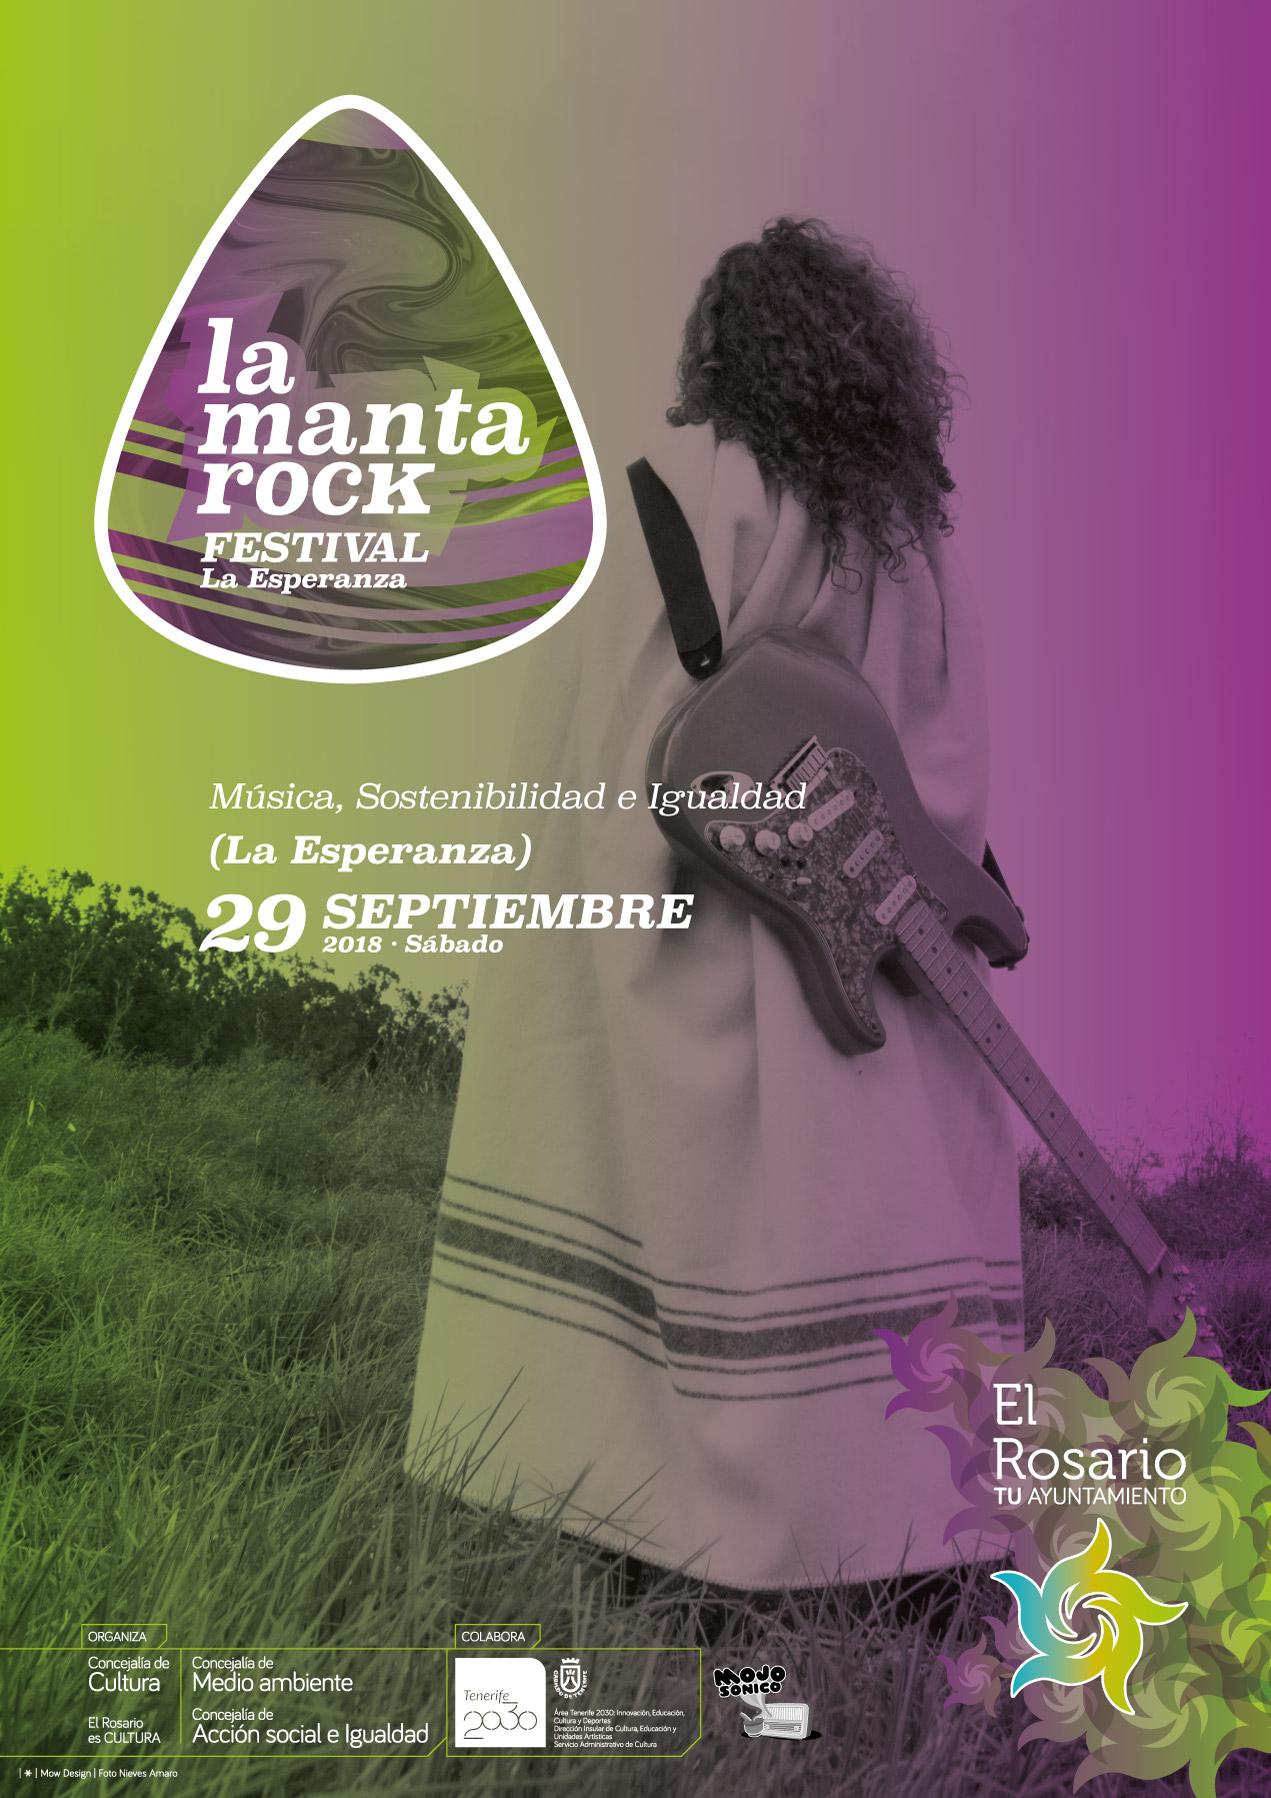 LA_MANTA_ROCK_FESTIVAL-20180929-CARTEL_A3-20180717-v01-03af-redes (1)